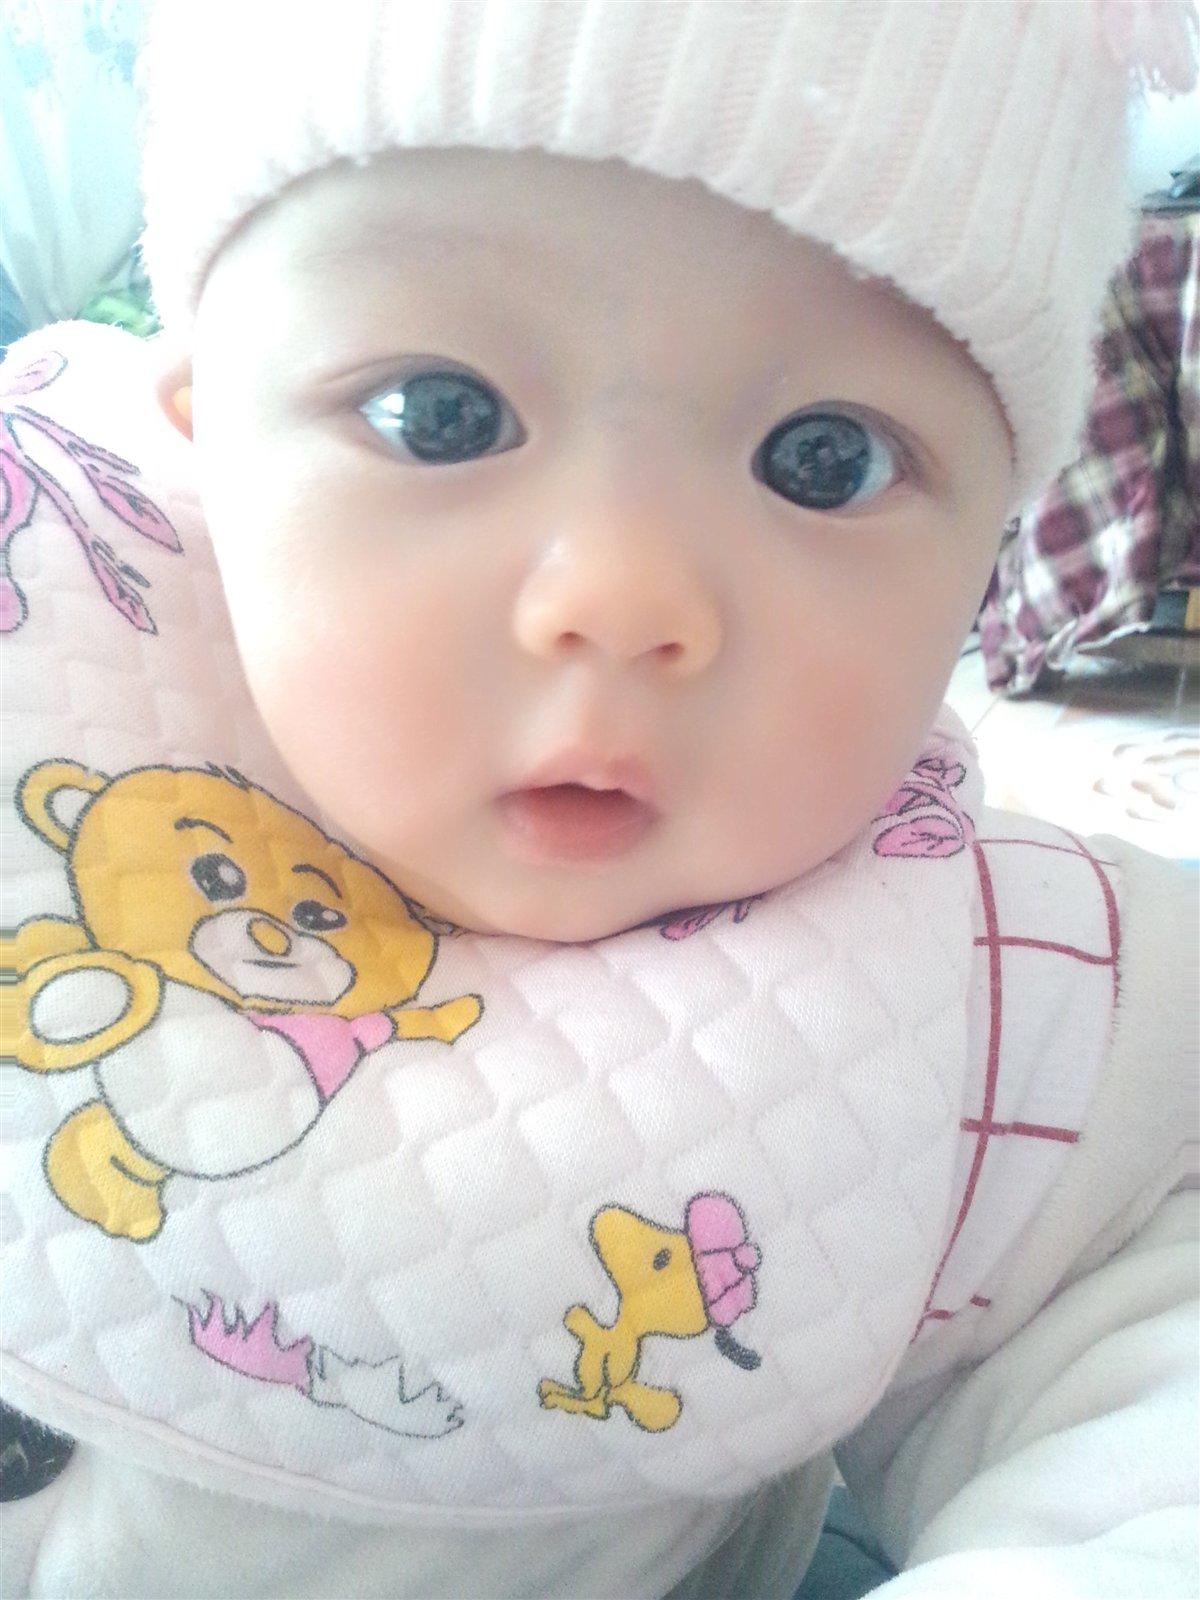 是一个大眼睛爱笑的小女孩